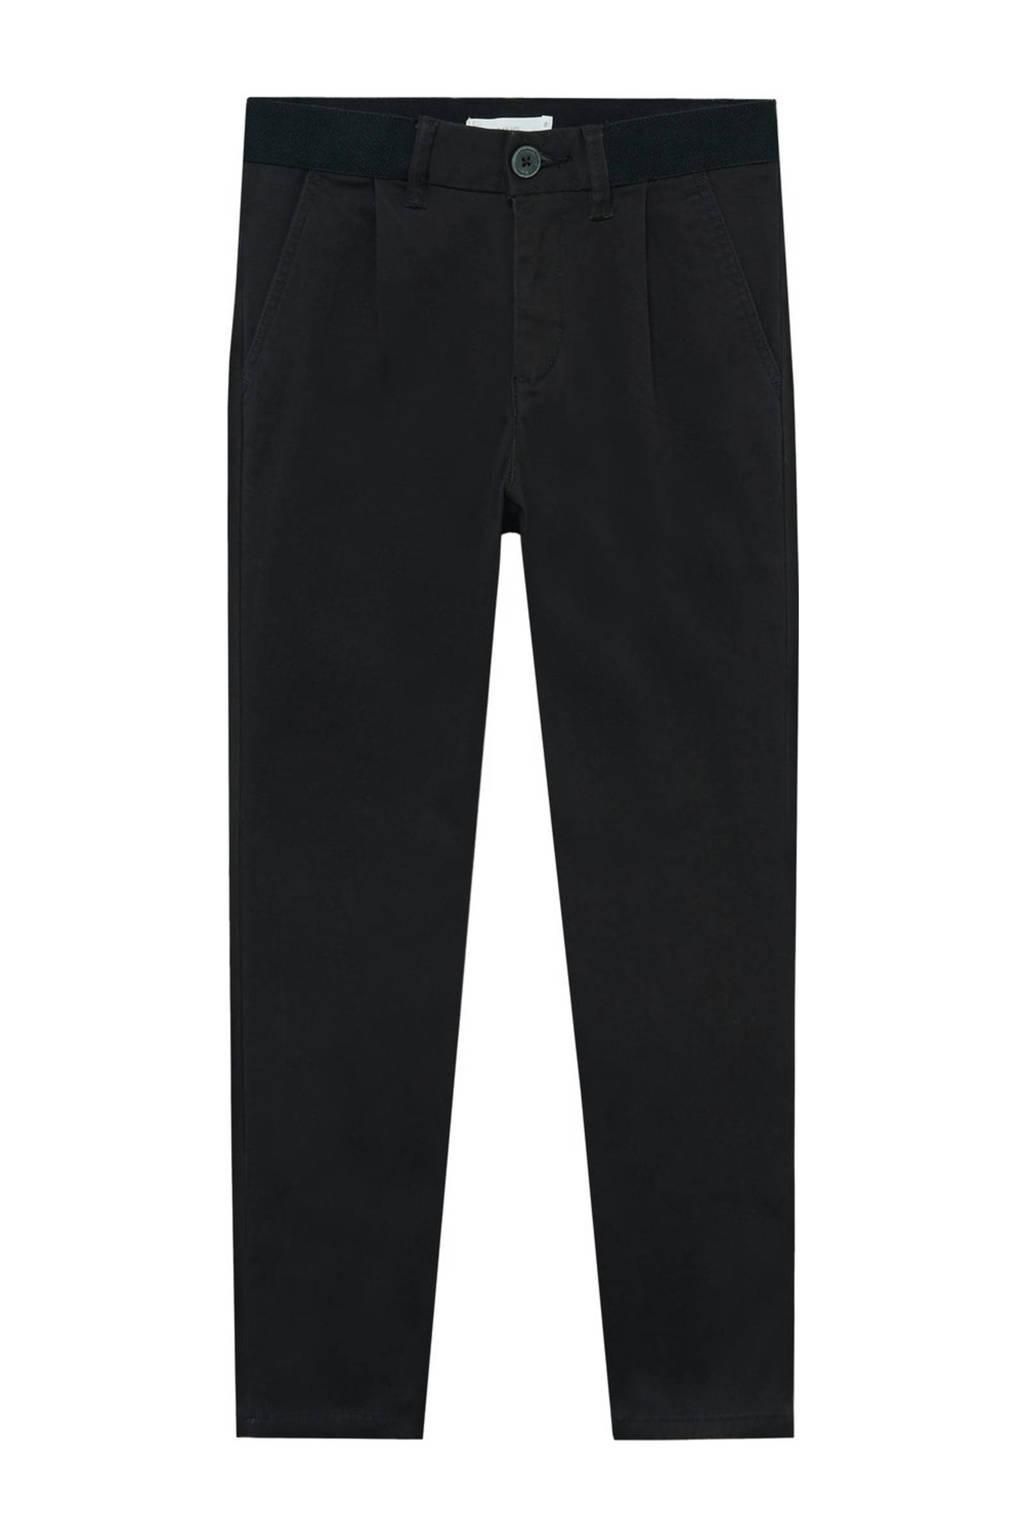 Mango Kids straight fit broek zwart, Zwart